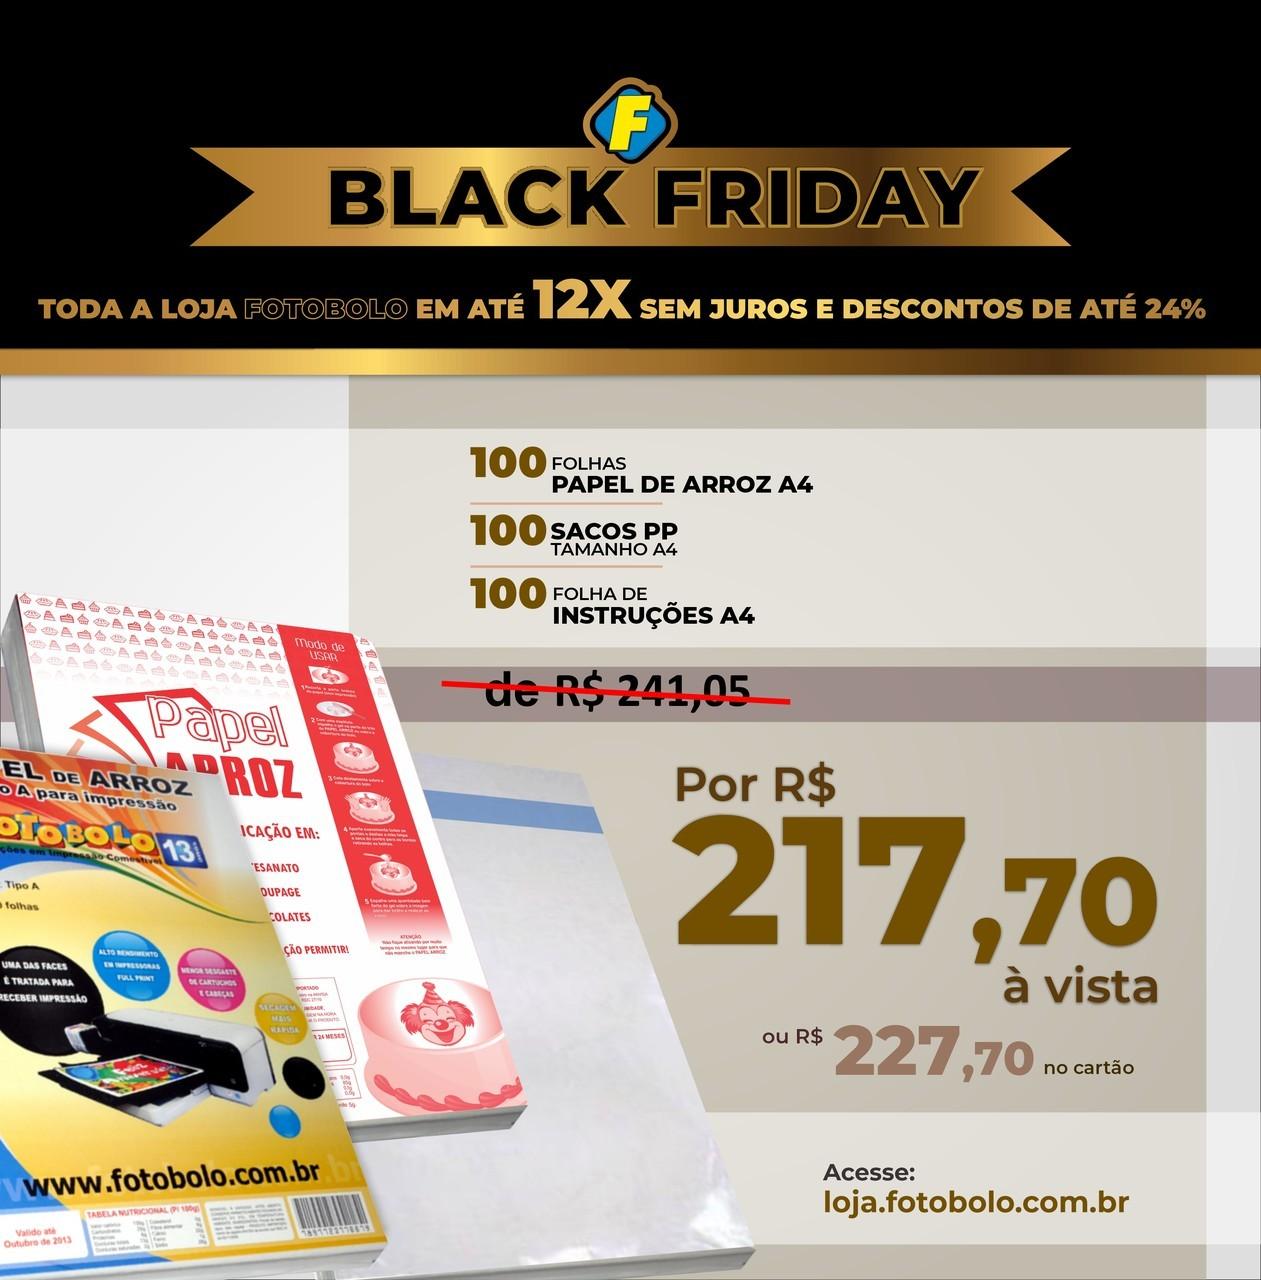 COMBO BLACK FRIDAY - 1 Pacote de Papel Arroz A4 TIPO A com 100 folhas + 100 sacos PP + 100 Folhas de Instrução A4